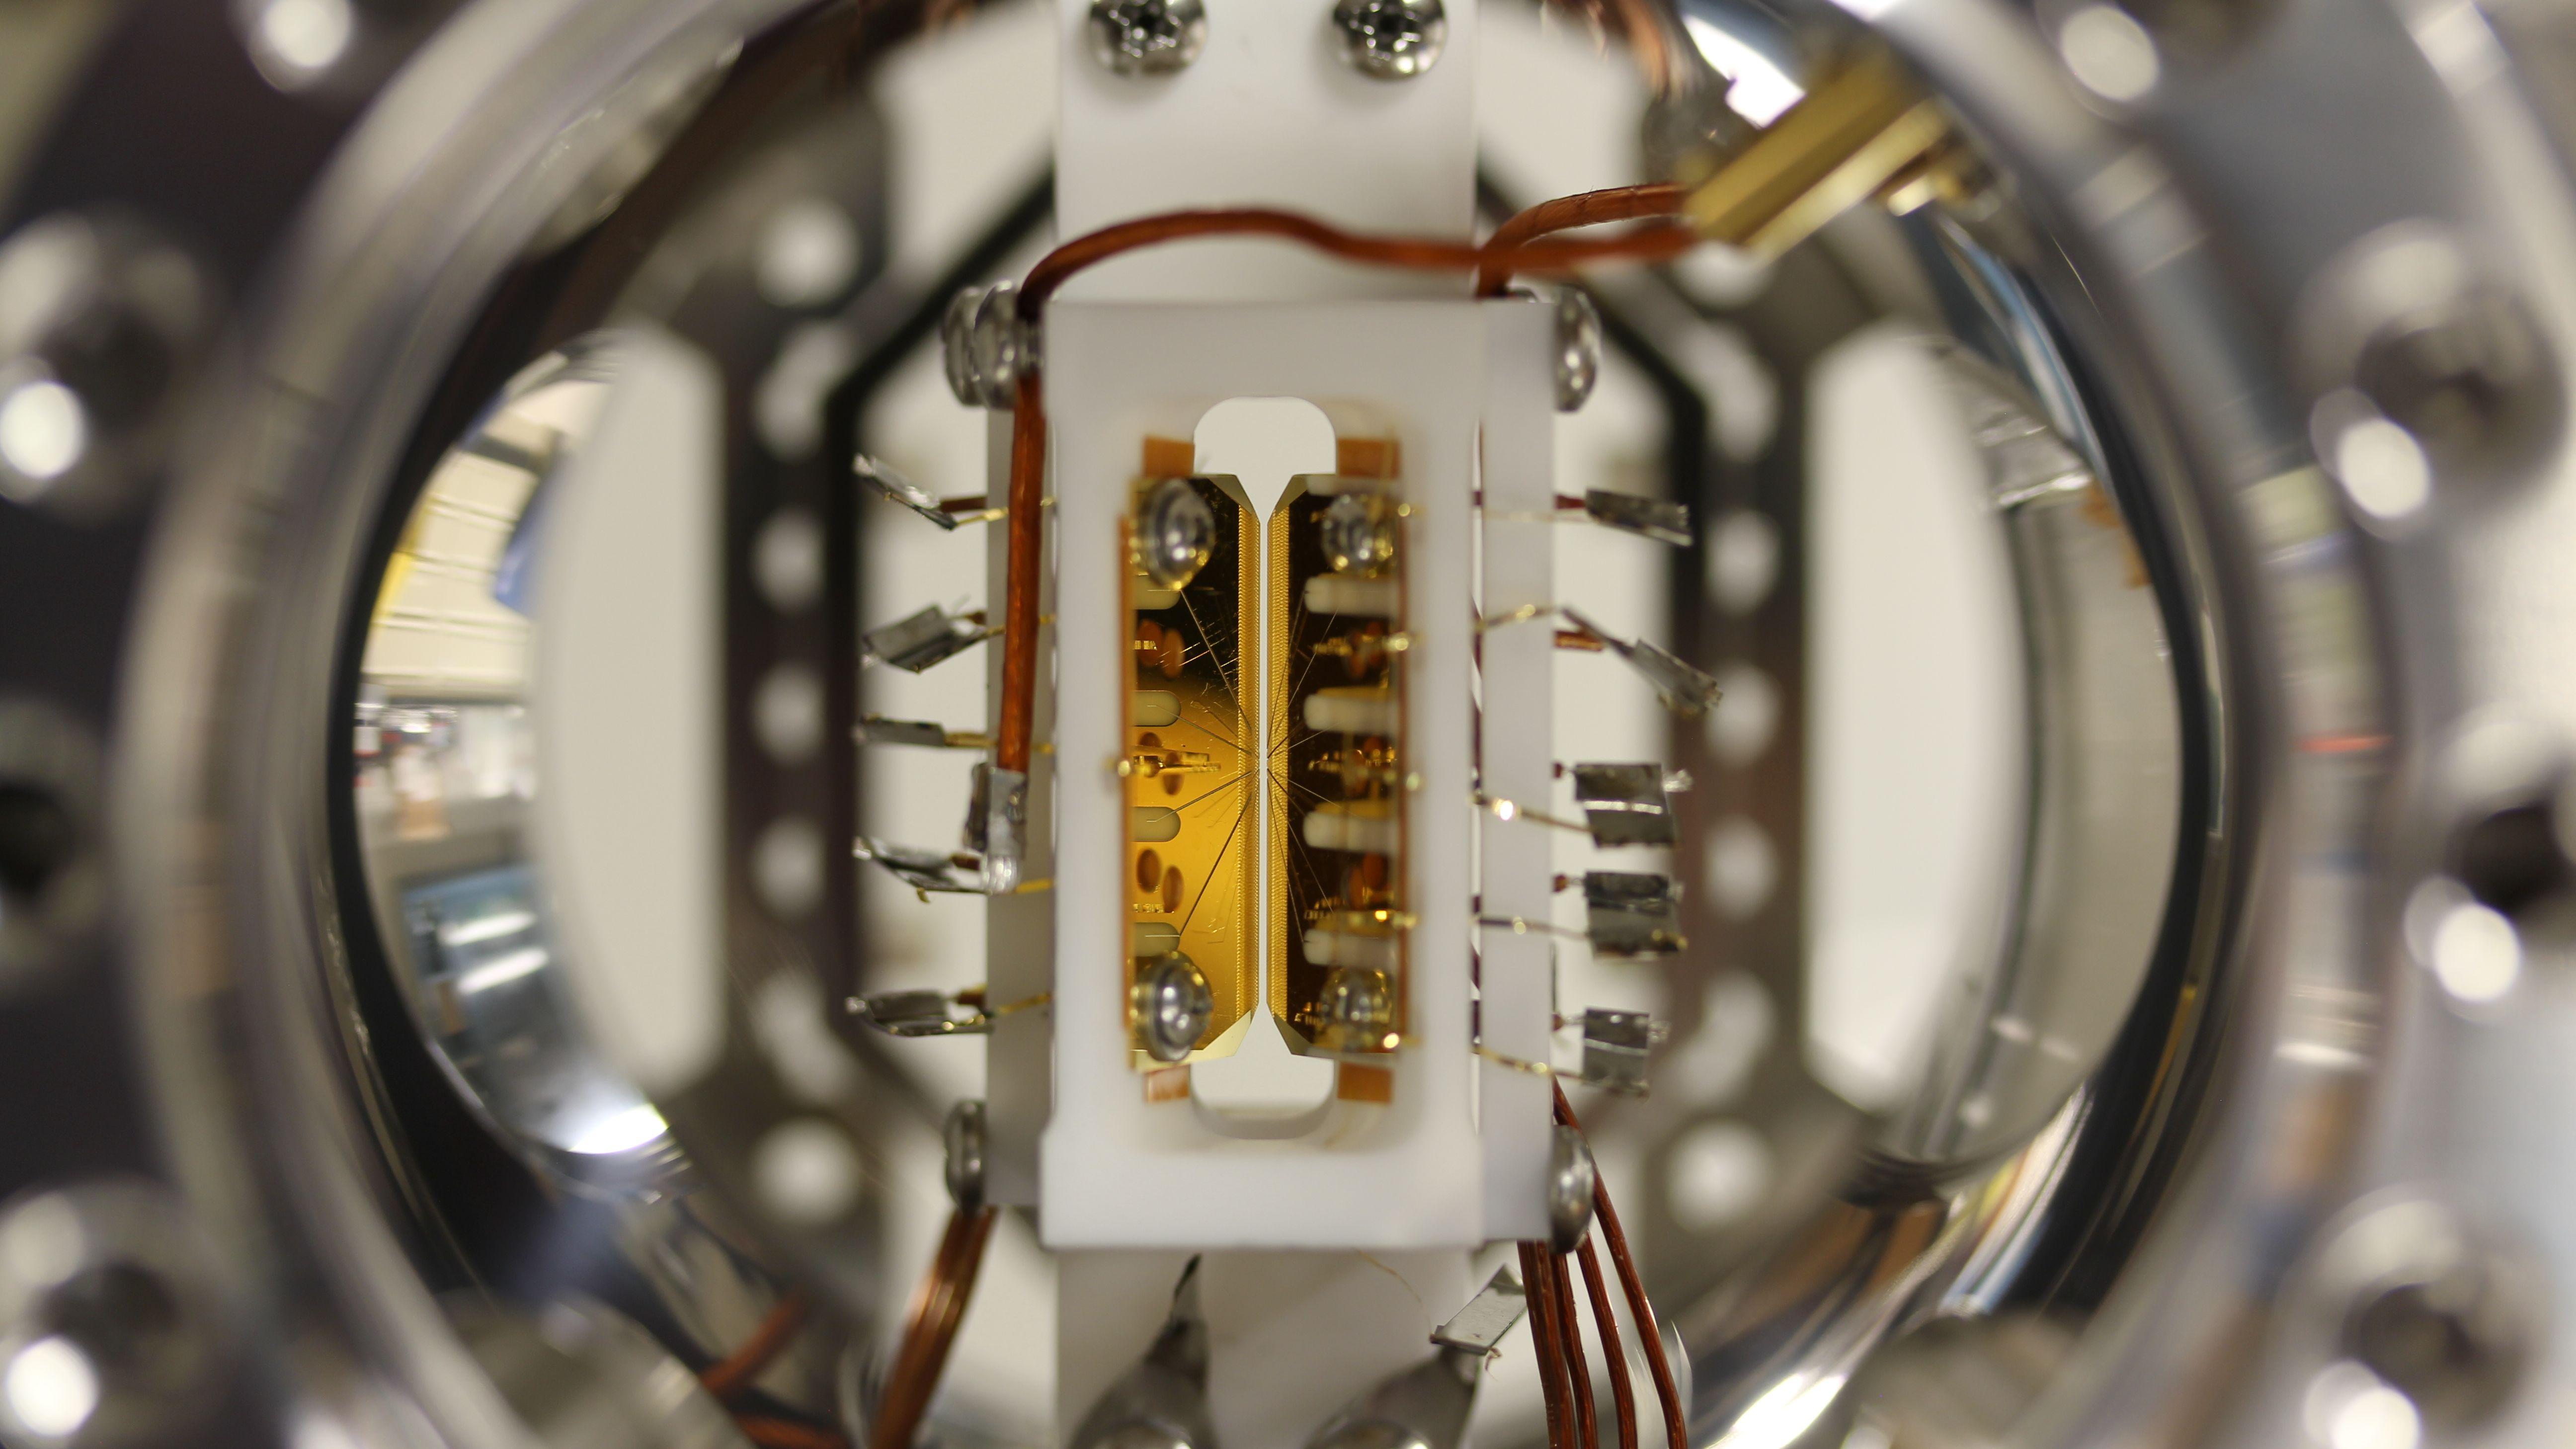 新方式の量子コンピューターが50量子ビット超を達成